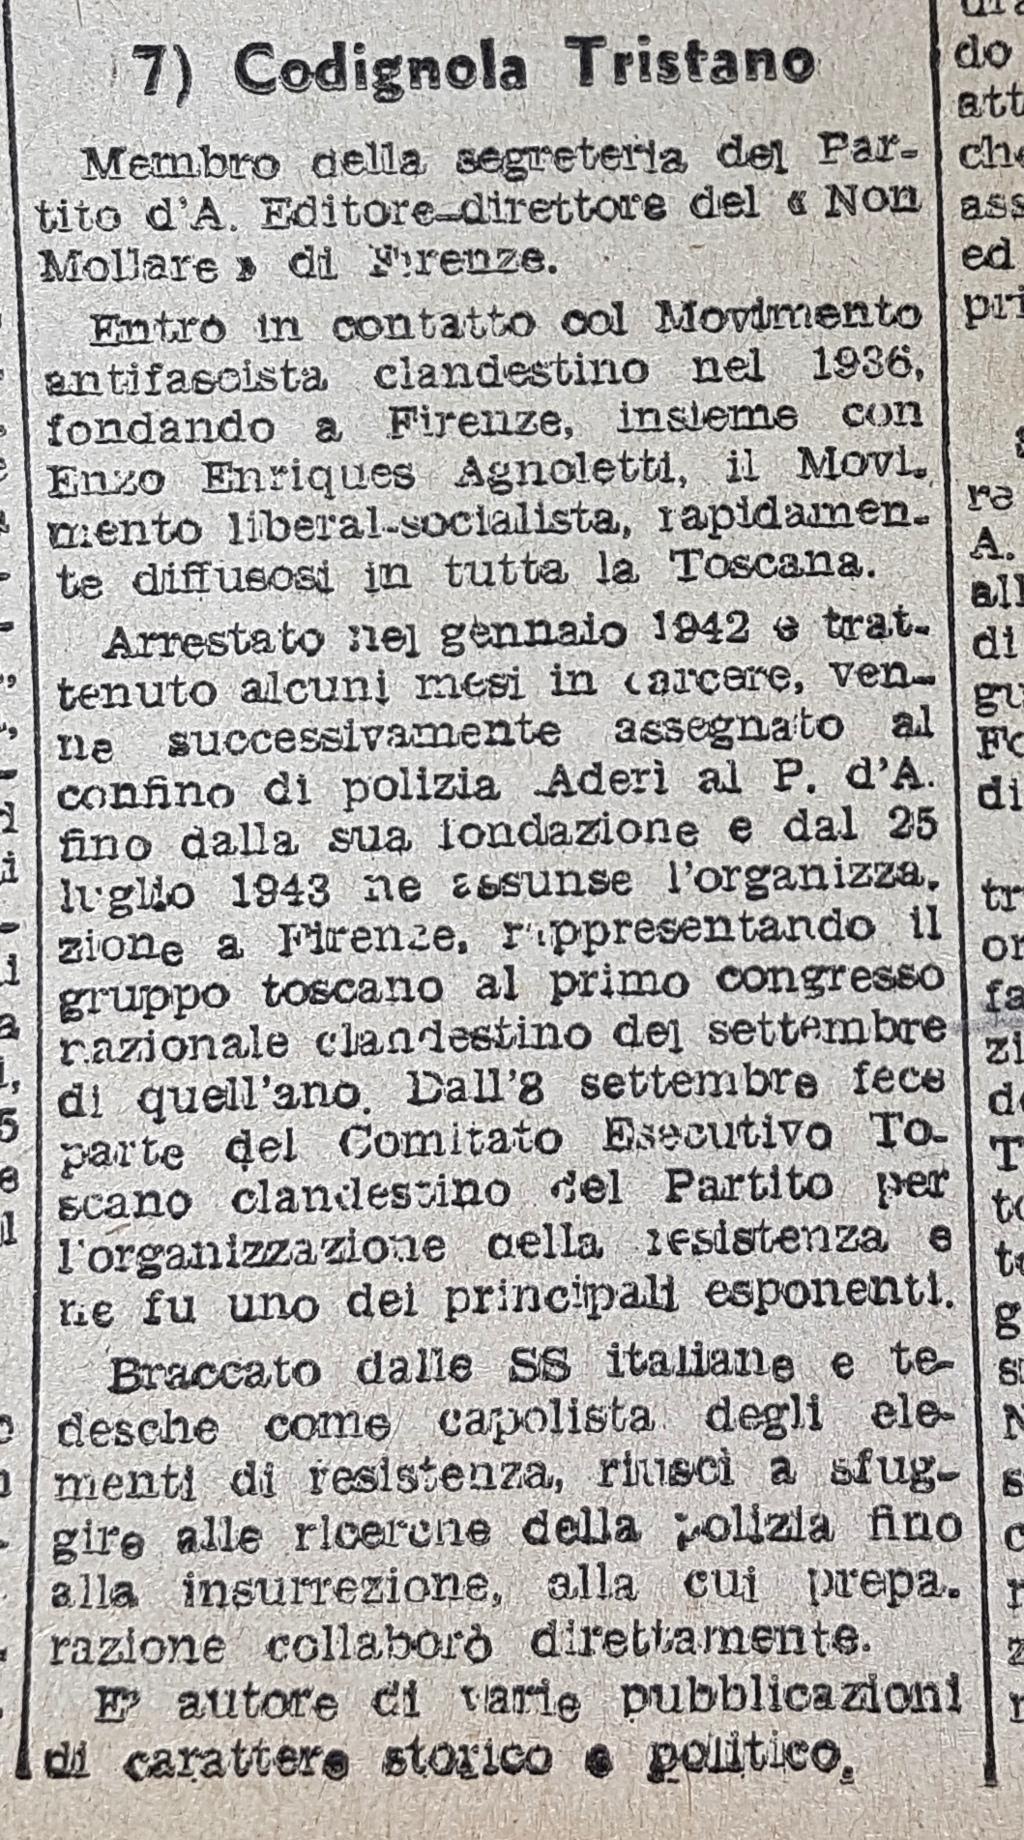 """Breve profilo biografico del candidato Codignola (""""L'Italia Libera"""", Roma, 4 maggio 1946)"""